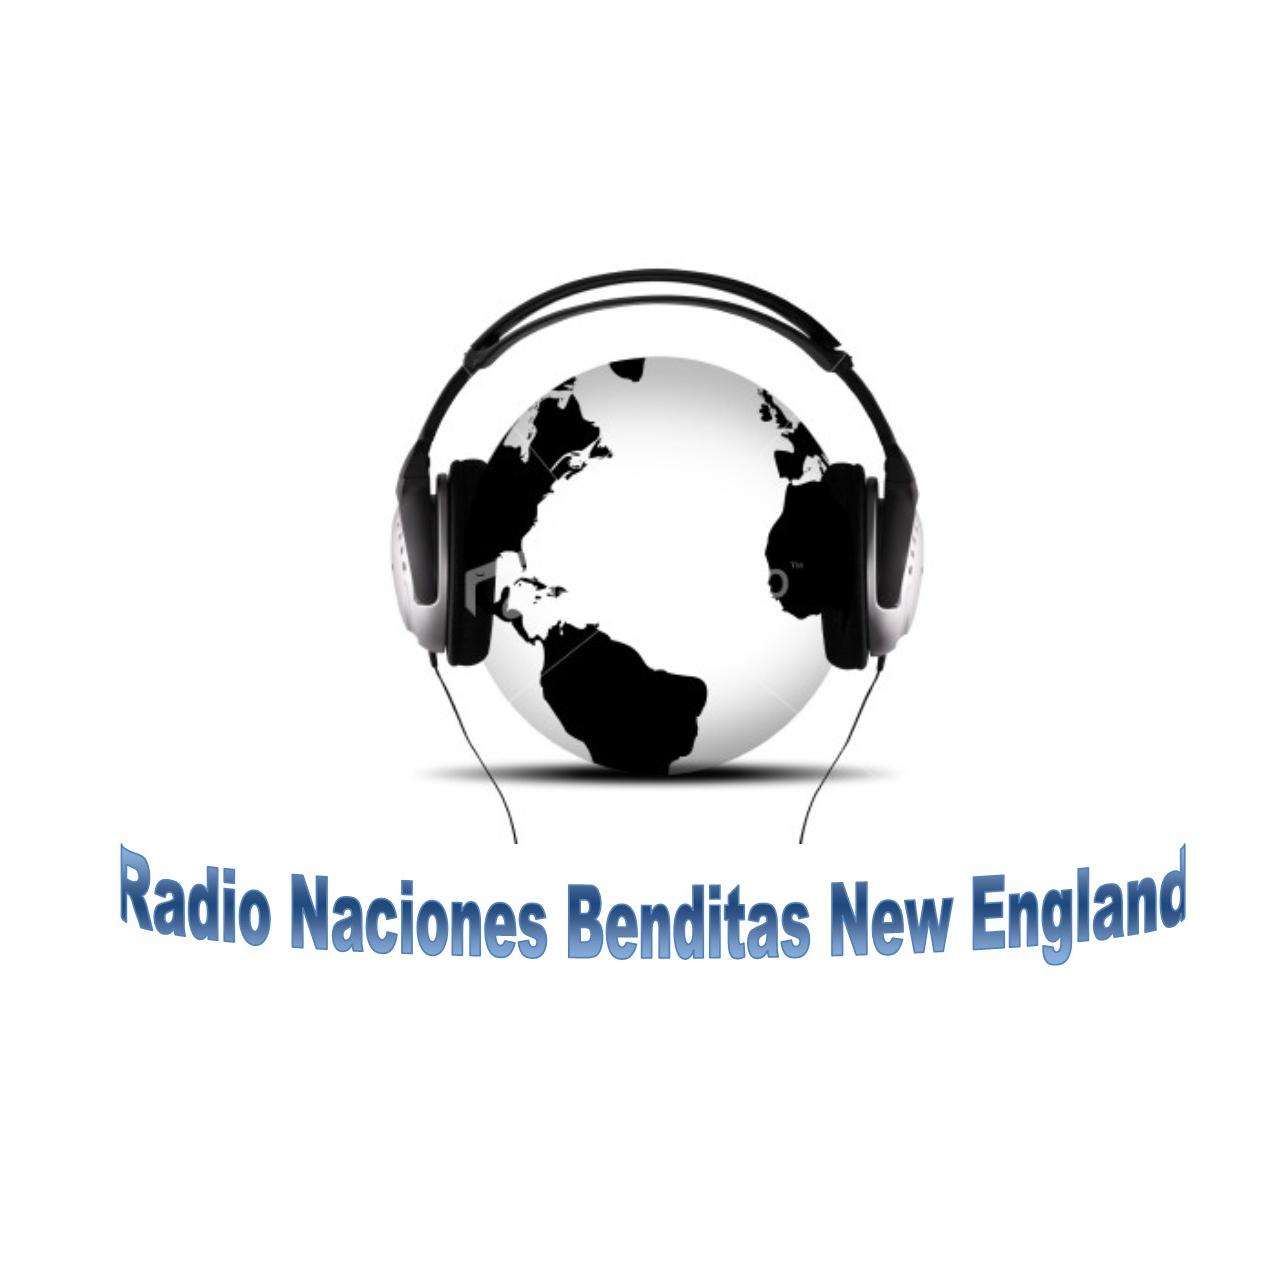 Radio Naciones Benditas New England